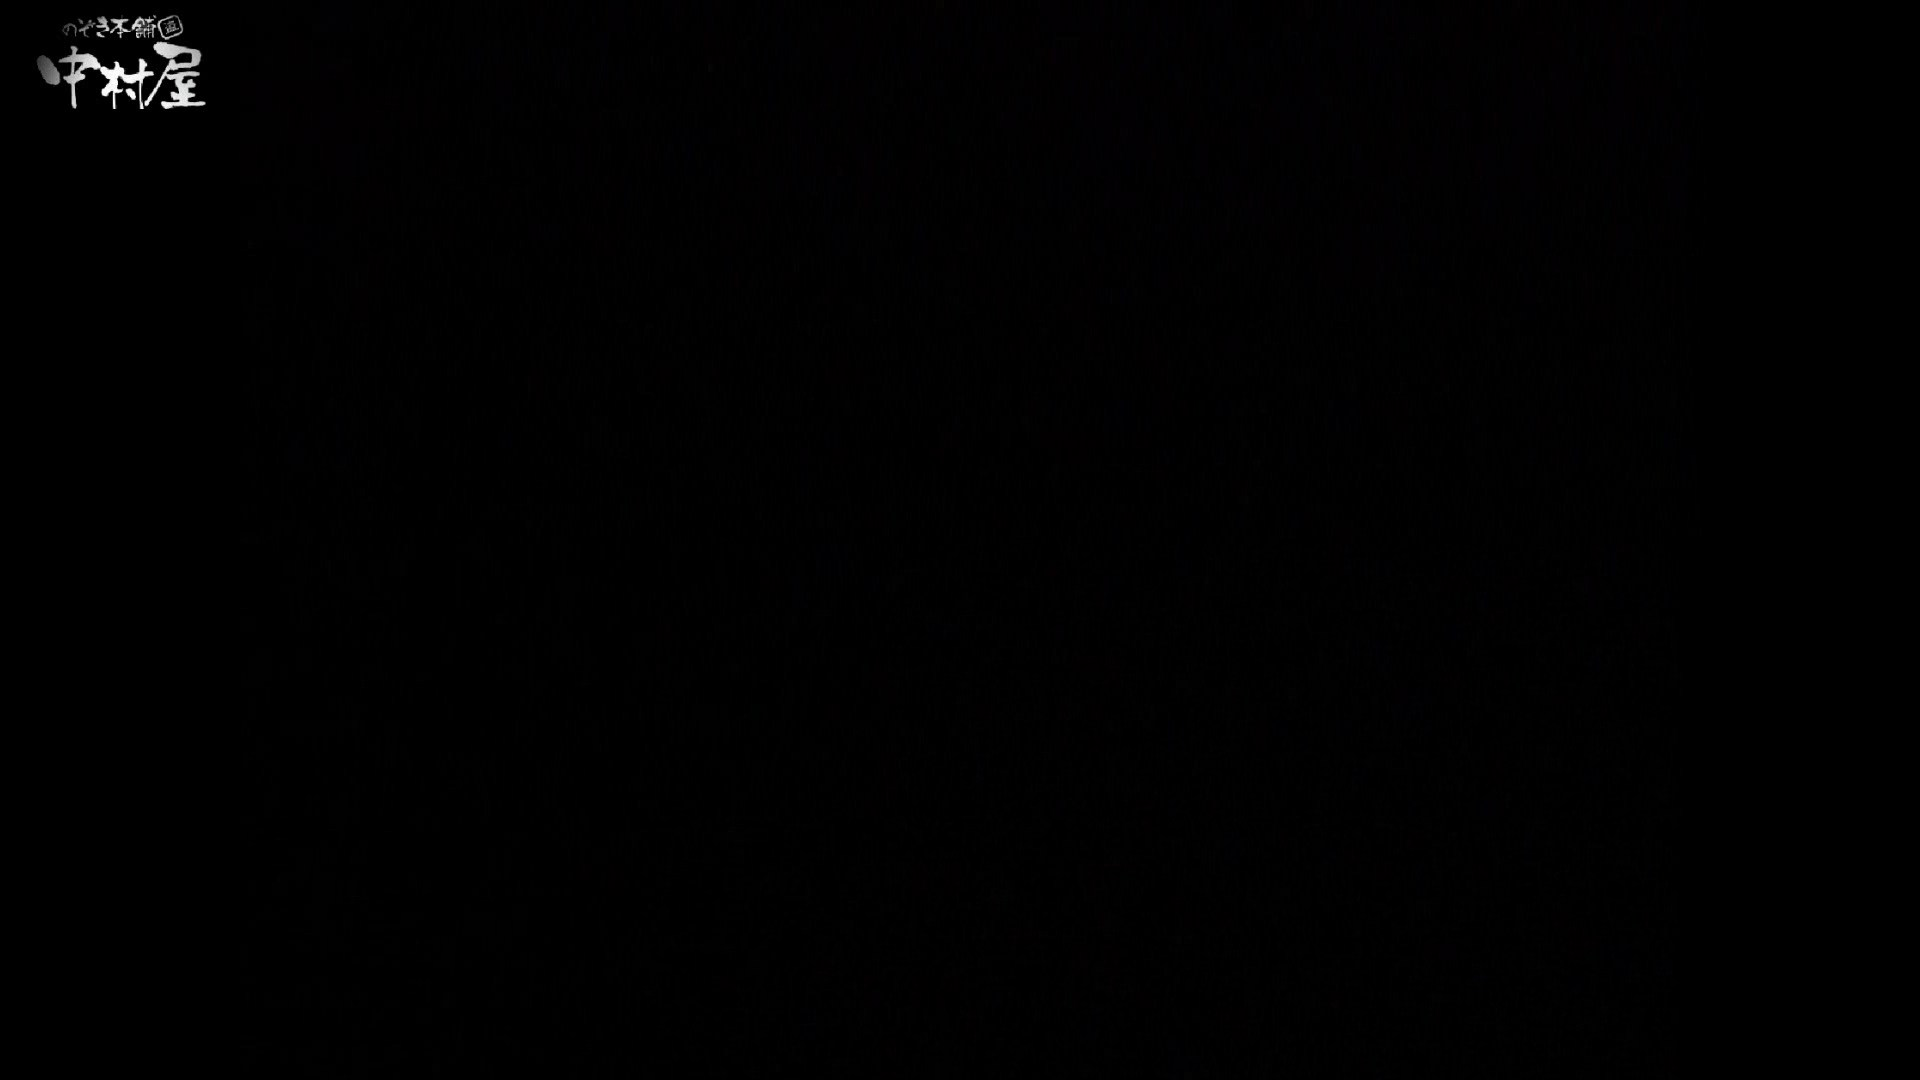 民家風呂専門盗撮師の超危険映像 vol.018 美少女のエロ生活 | 股間  97連発 7